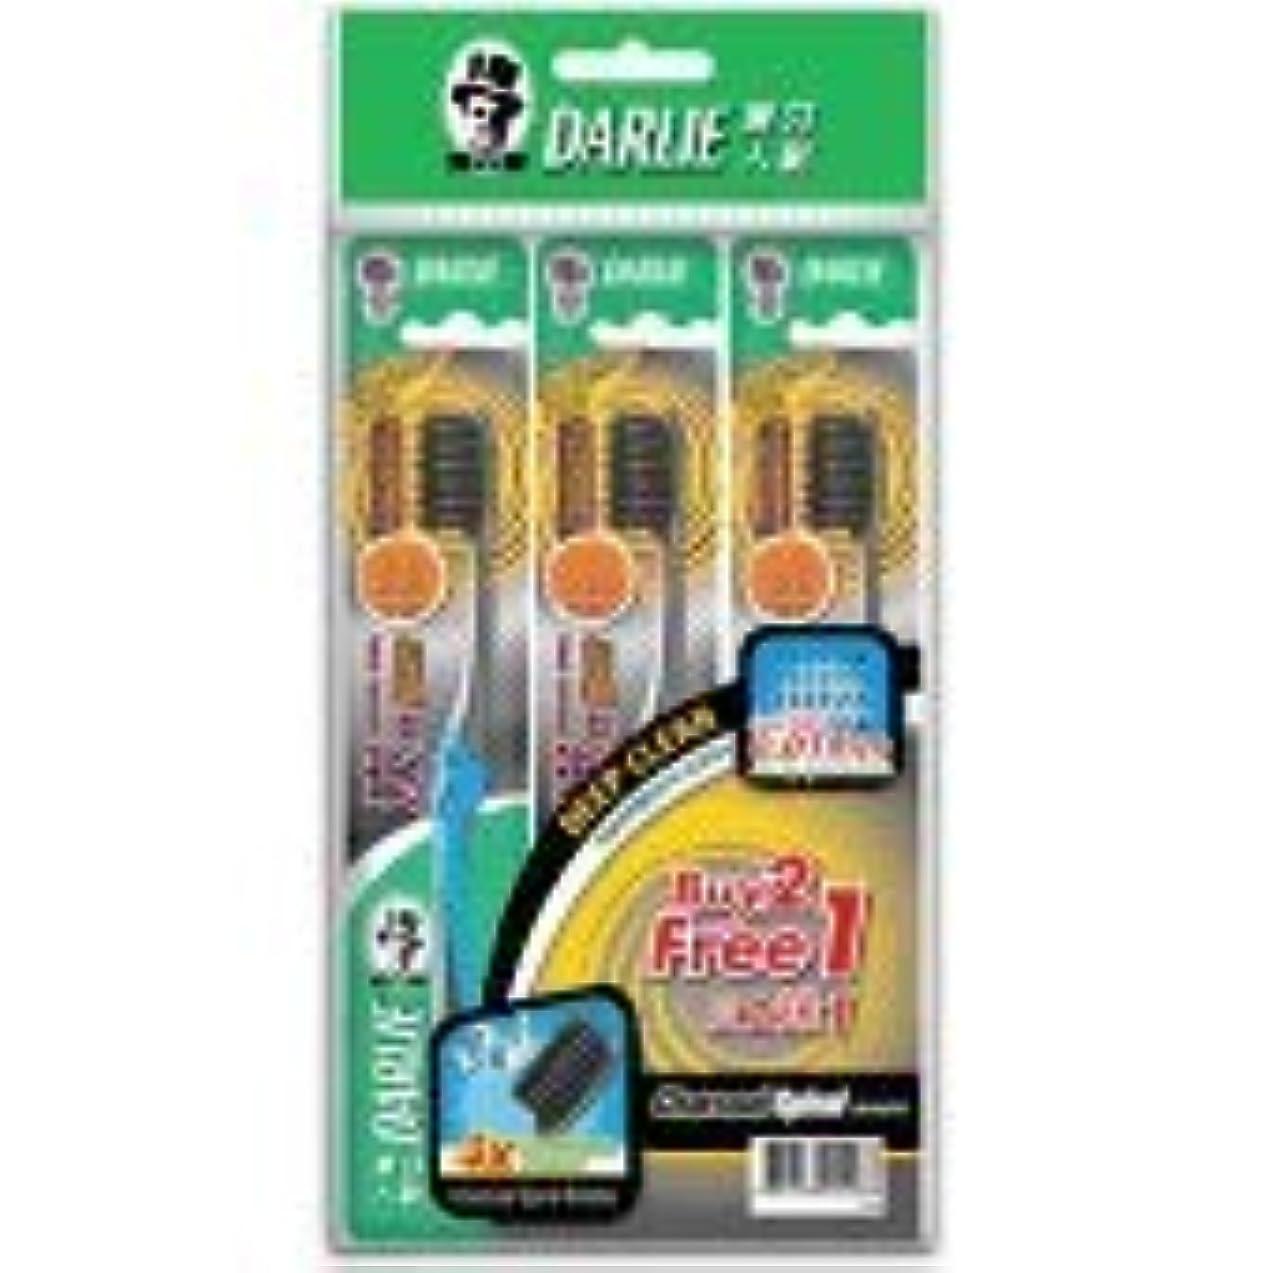 楽しませるロマンチックパスタDARLIE 歯の間に深く達する歯ブラシ炭スパイラル b2f1